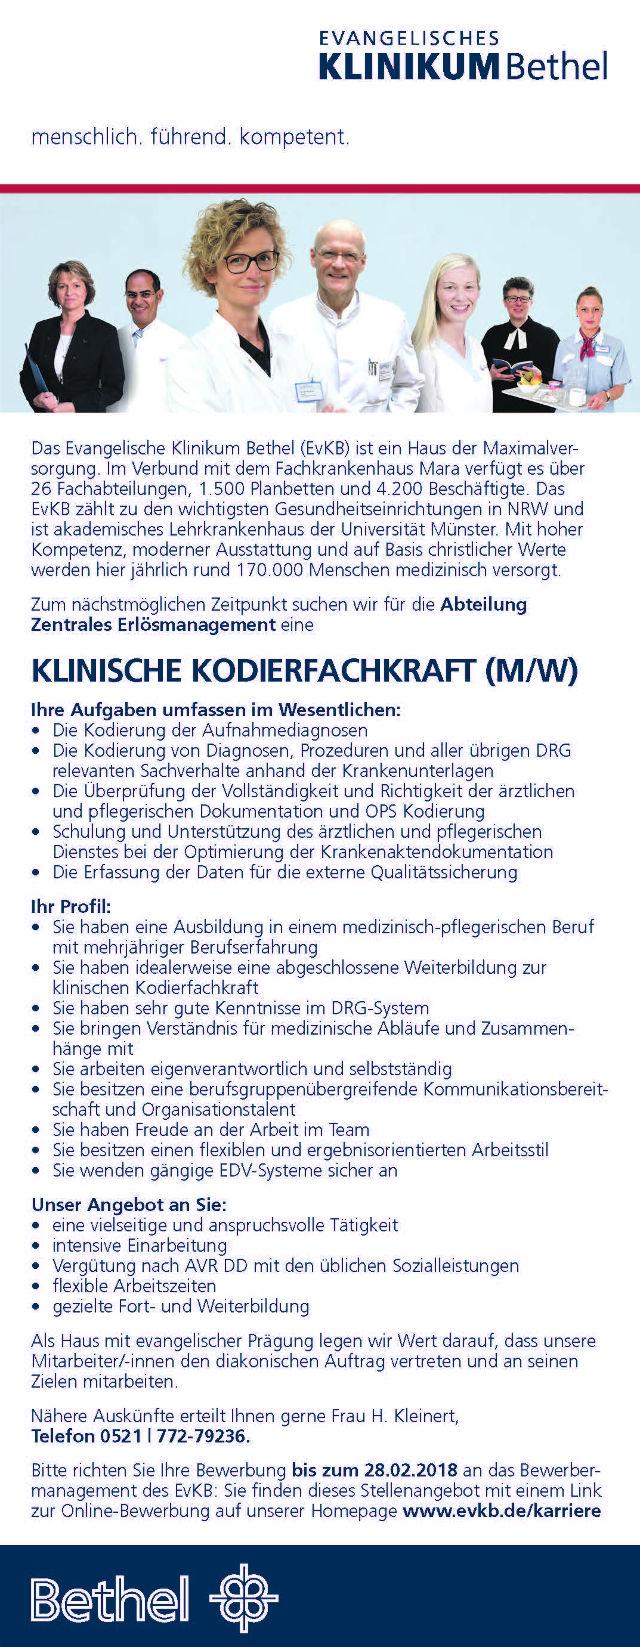 Evangelisches Klinikum Bethel, Bielefeld: Klinische Kodierfachkraft (m/w)